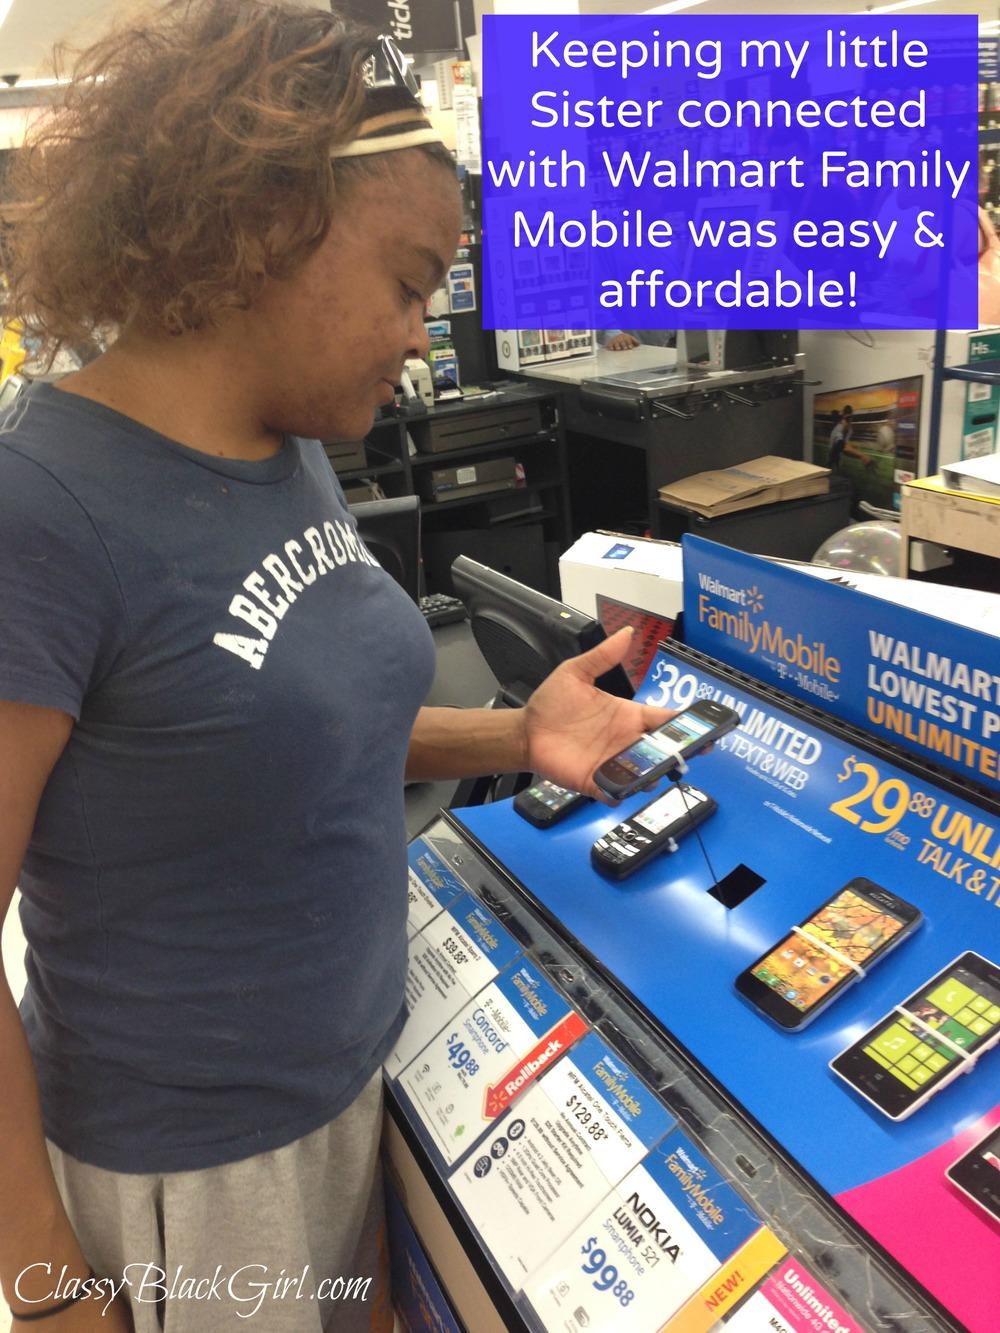 #FamilyMobile, ClassyBlackGirl.com, #CollectiveBias, #cbias, #shop, Lowest Priced Unlimited Plans